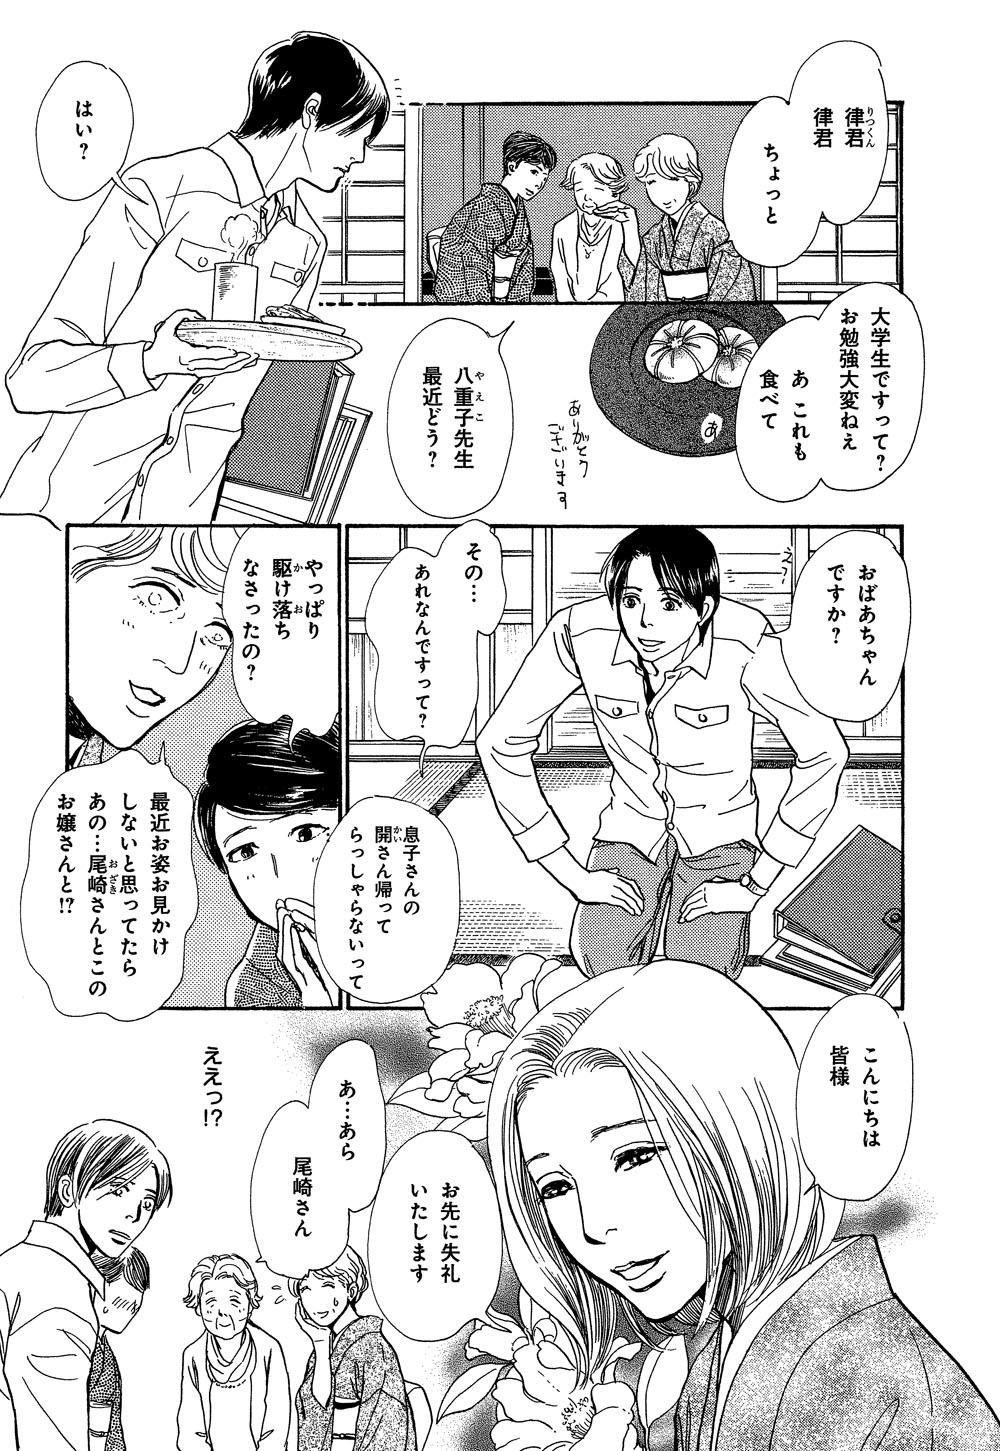 hyakki_0021_0007.jpg